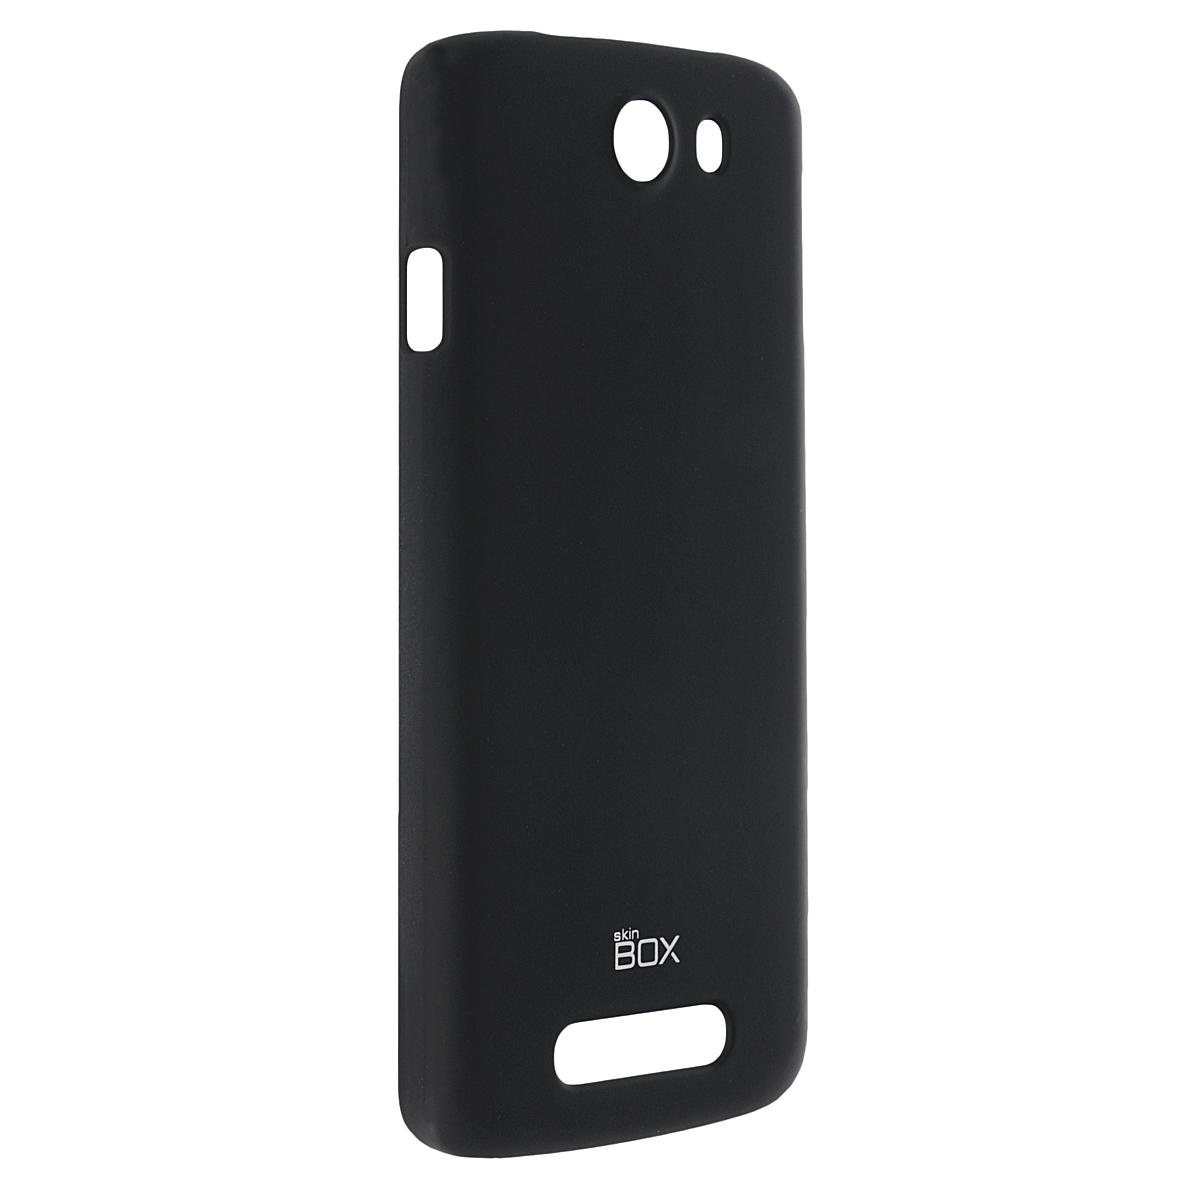 Skinbox Shield 4People чехол для Philips I928, BlackT-S-PI928-002Чехол Skinbox Shield 4People для Philips I928 предназначен для защиты корпуса смартфона от механических повреждений и царапин в процессе эксплуатации. Имеется свободный доступ ко всем разъемам и кнопкам устройства. В комплект также входит защитная пленка на экран телефона.